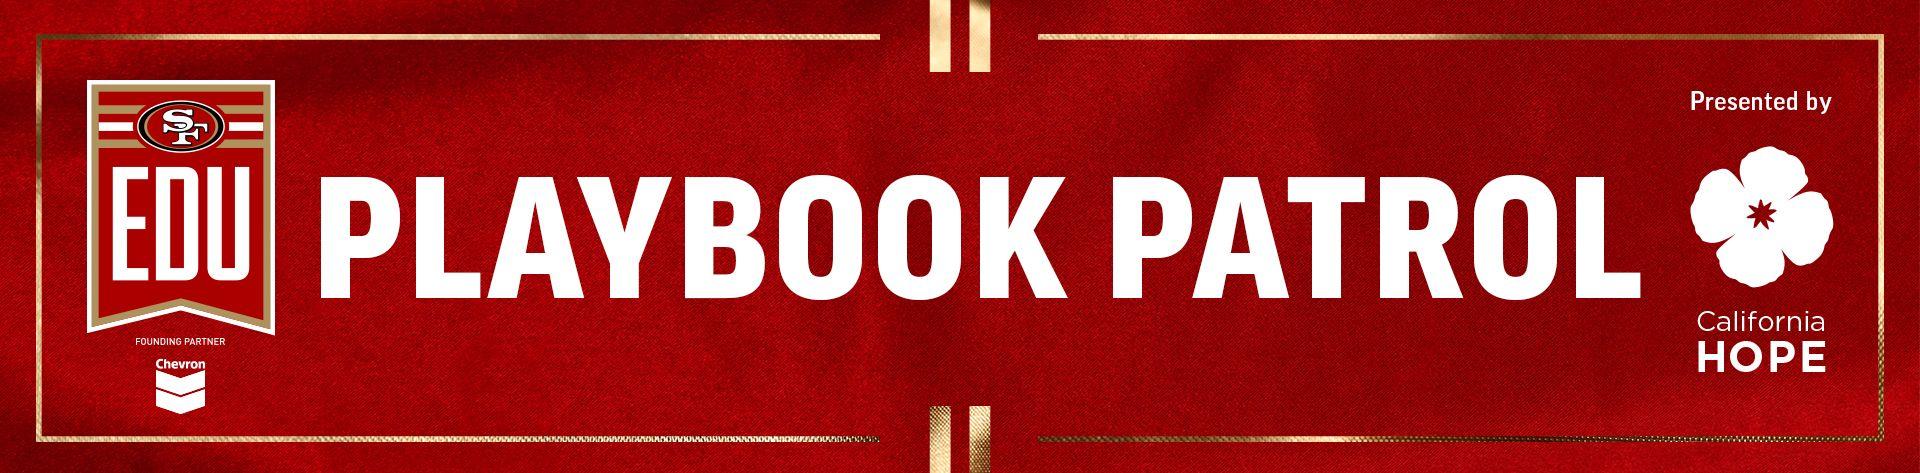 49ers Edu Playbook patrol